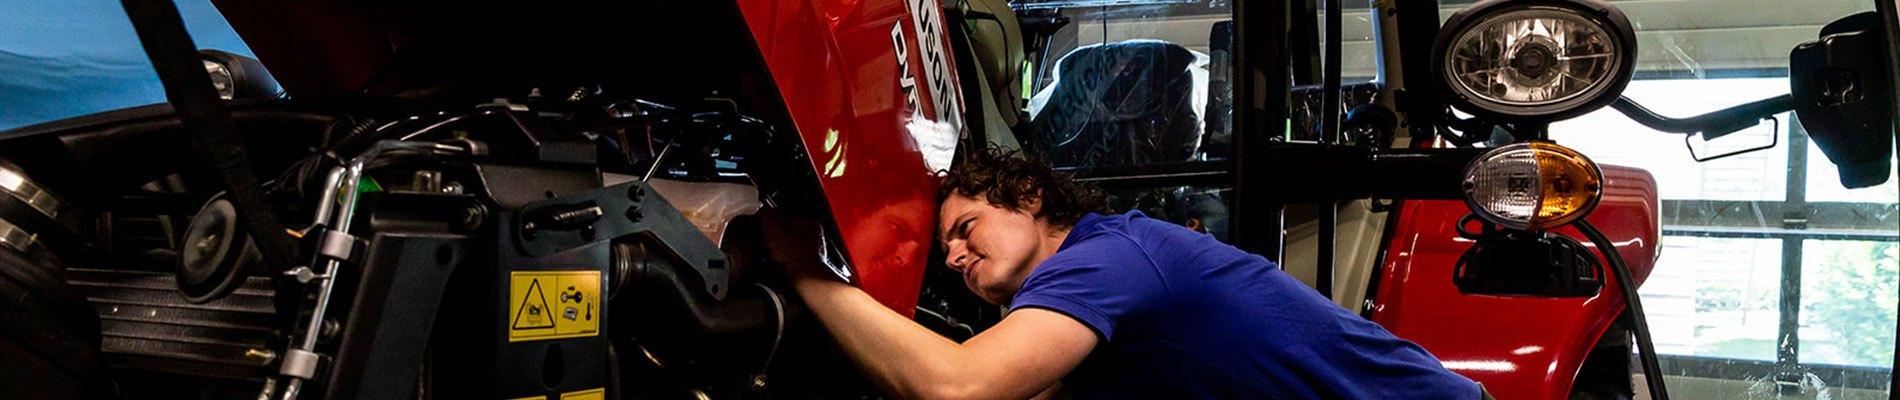 Leerling repareert tractor